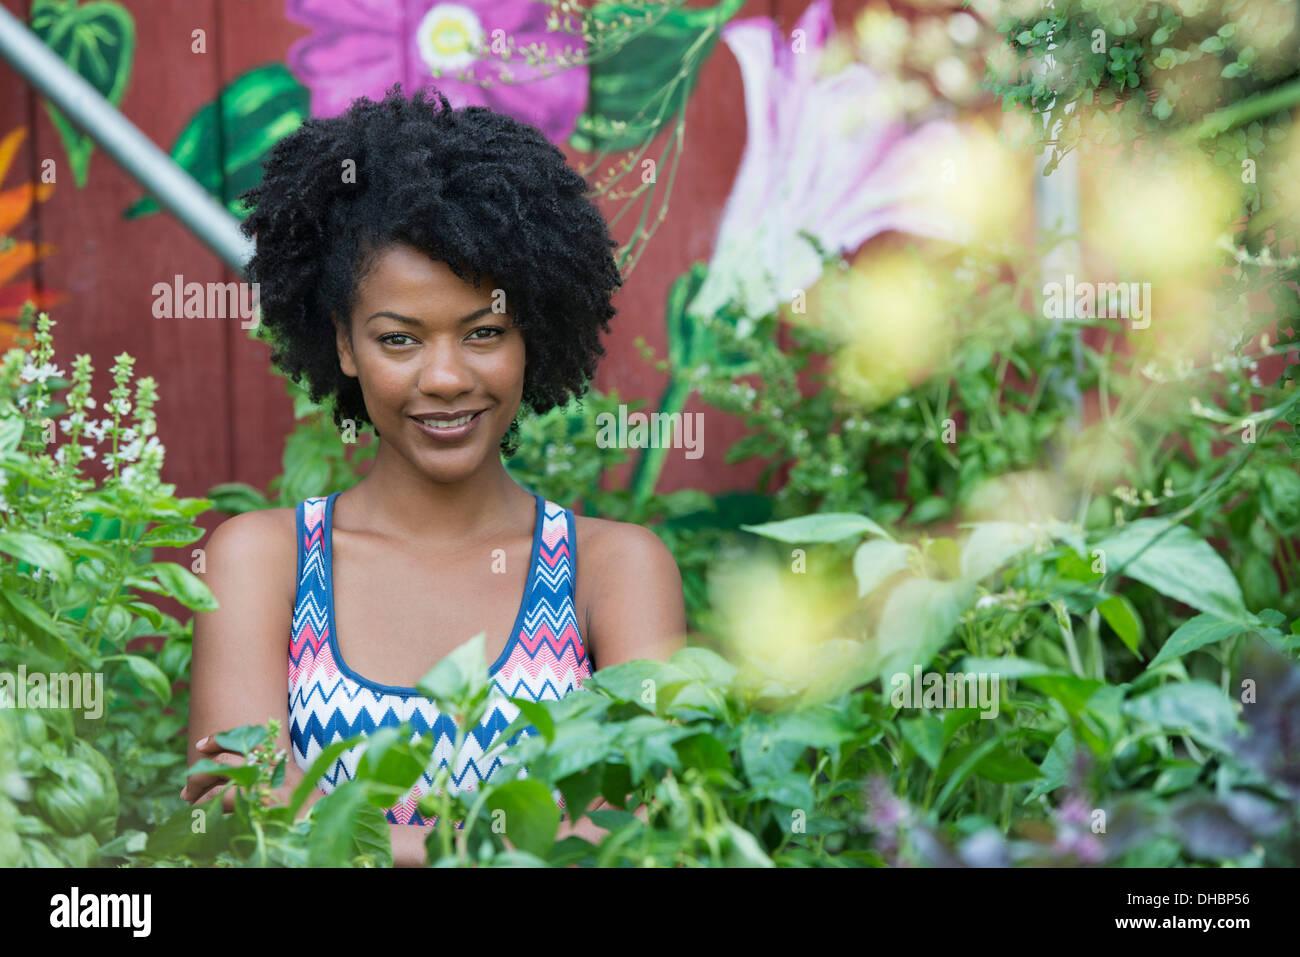 Eine Frau in einer Gärtnerei, umgeben von Pflanzen, Blumen und Laub stehen. Stockbild